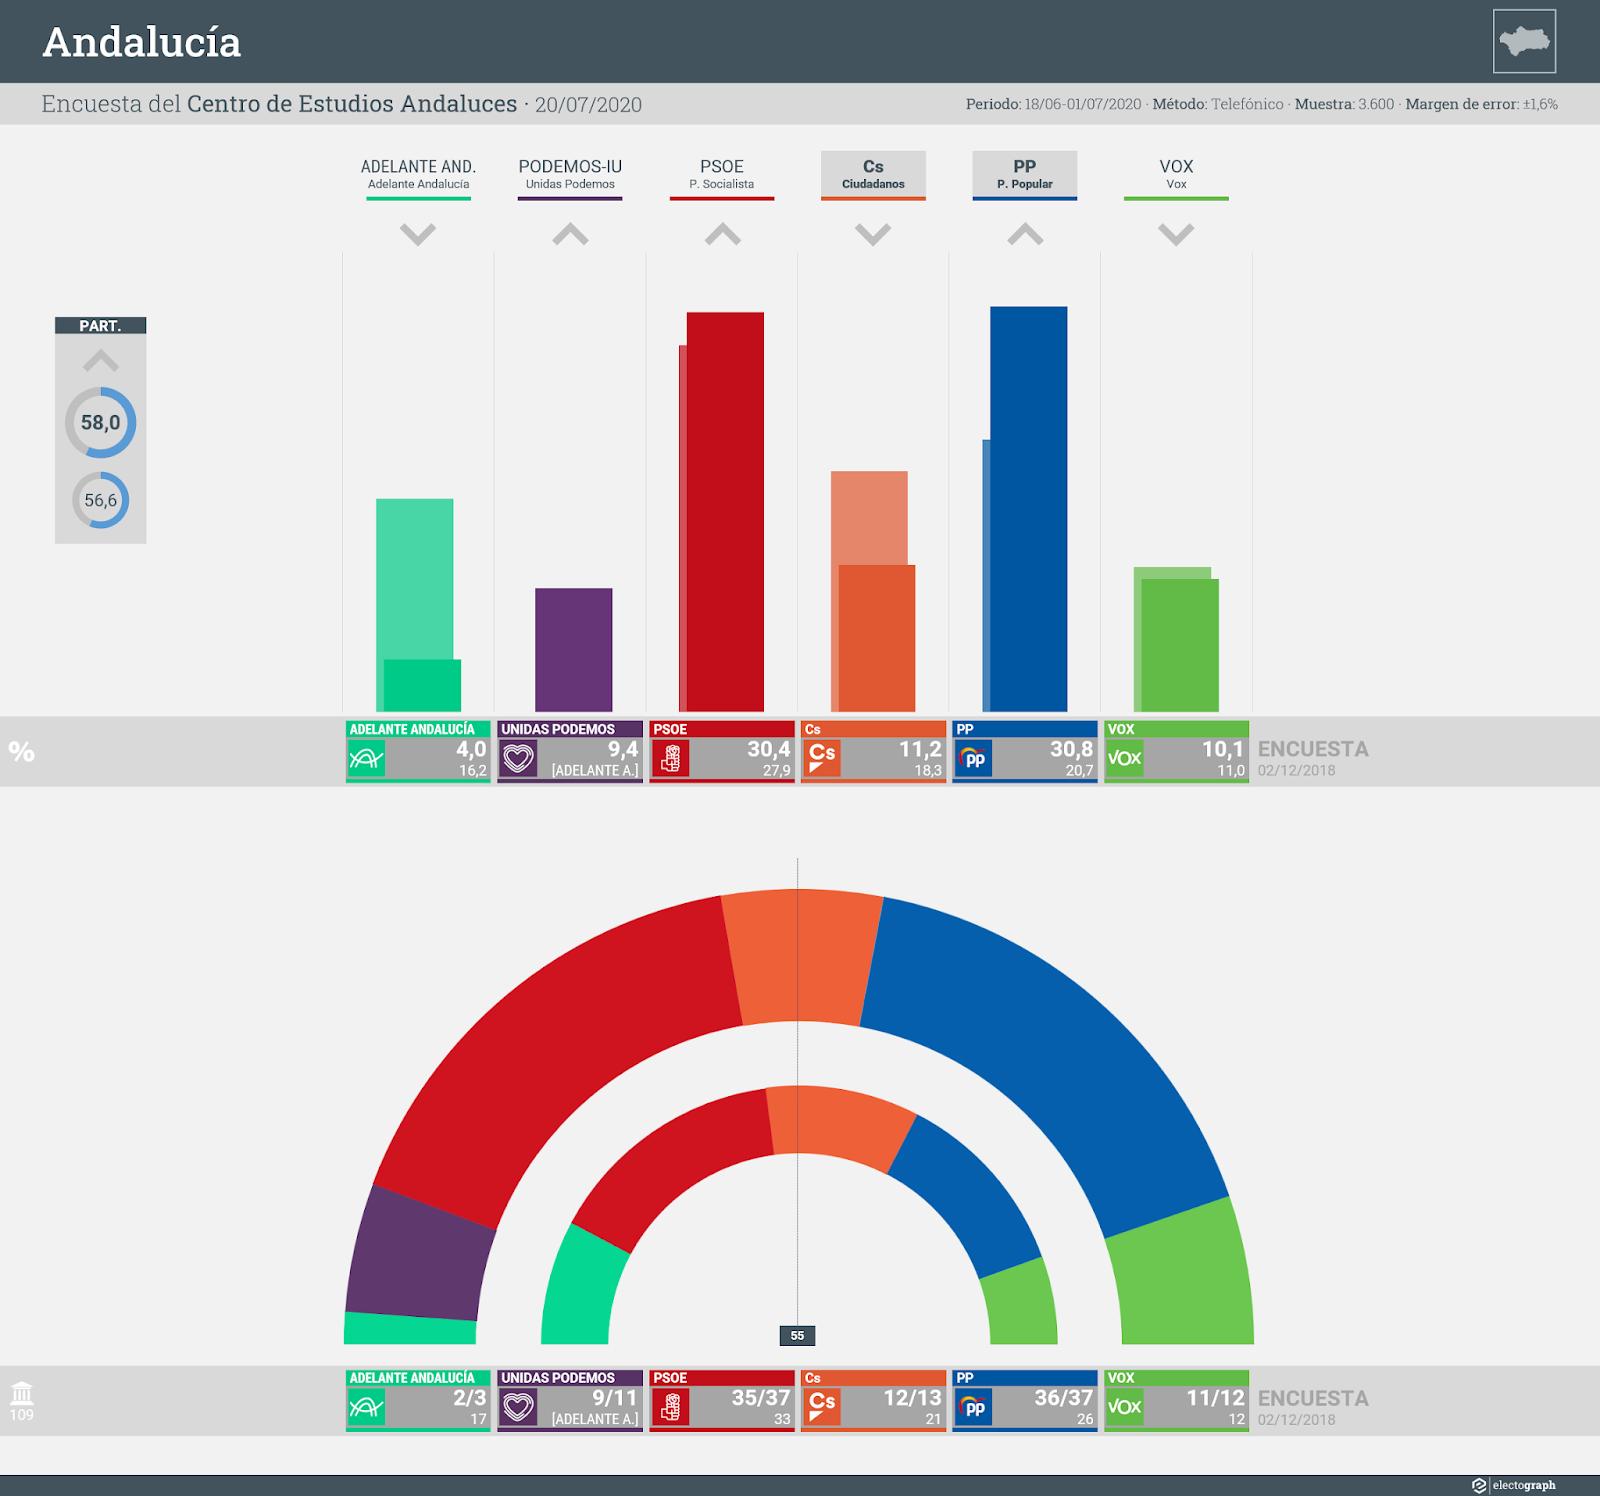 Gráfico de la encuesta para elecciones autonómicas en Andalucía realizada por el Centro de Estudios Andaluces e Invest Group, 20 de julio de 2020